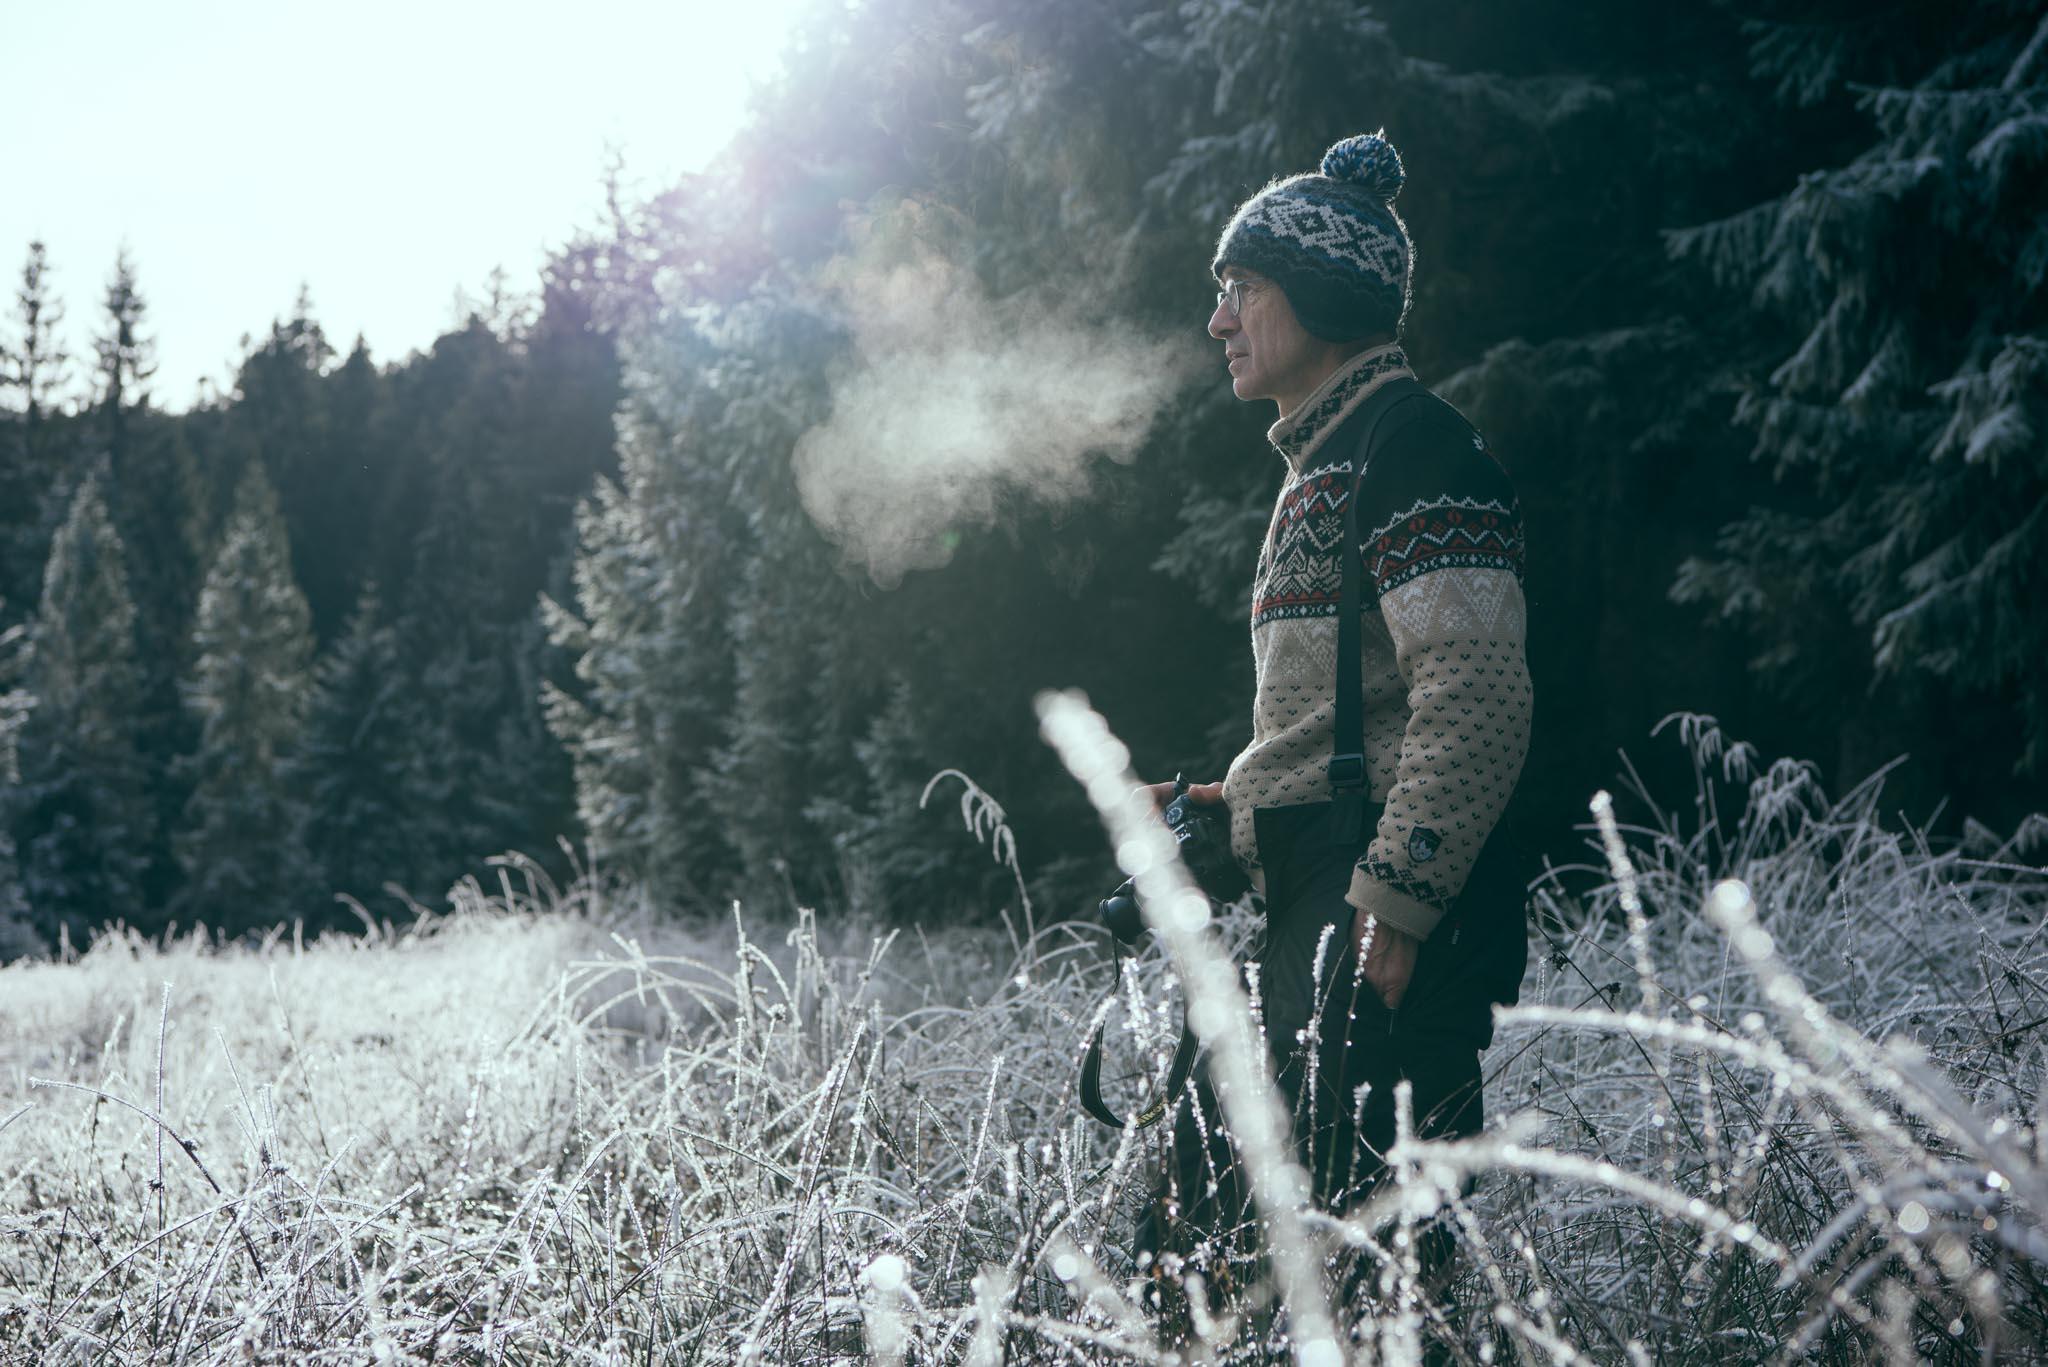 La nature - Je suis née dans les Vosges, au milieu des montagnes et depuis toute petite j'aime me ressourcer dans les grands espaces.Toujours partante pour un lever de soleil ou aller regarder la voie lactée !Cela influe sur ma façon de voir les choses au niveau packaging, je privilégie l'éco-friendly et les fichiers numériques!